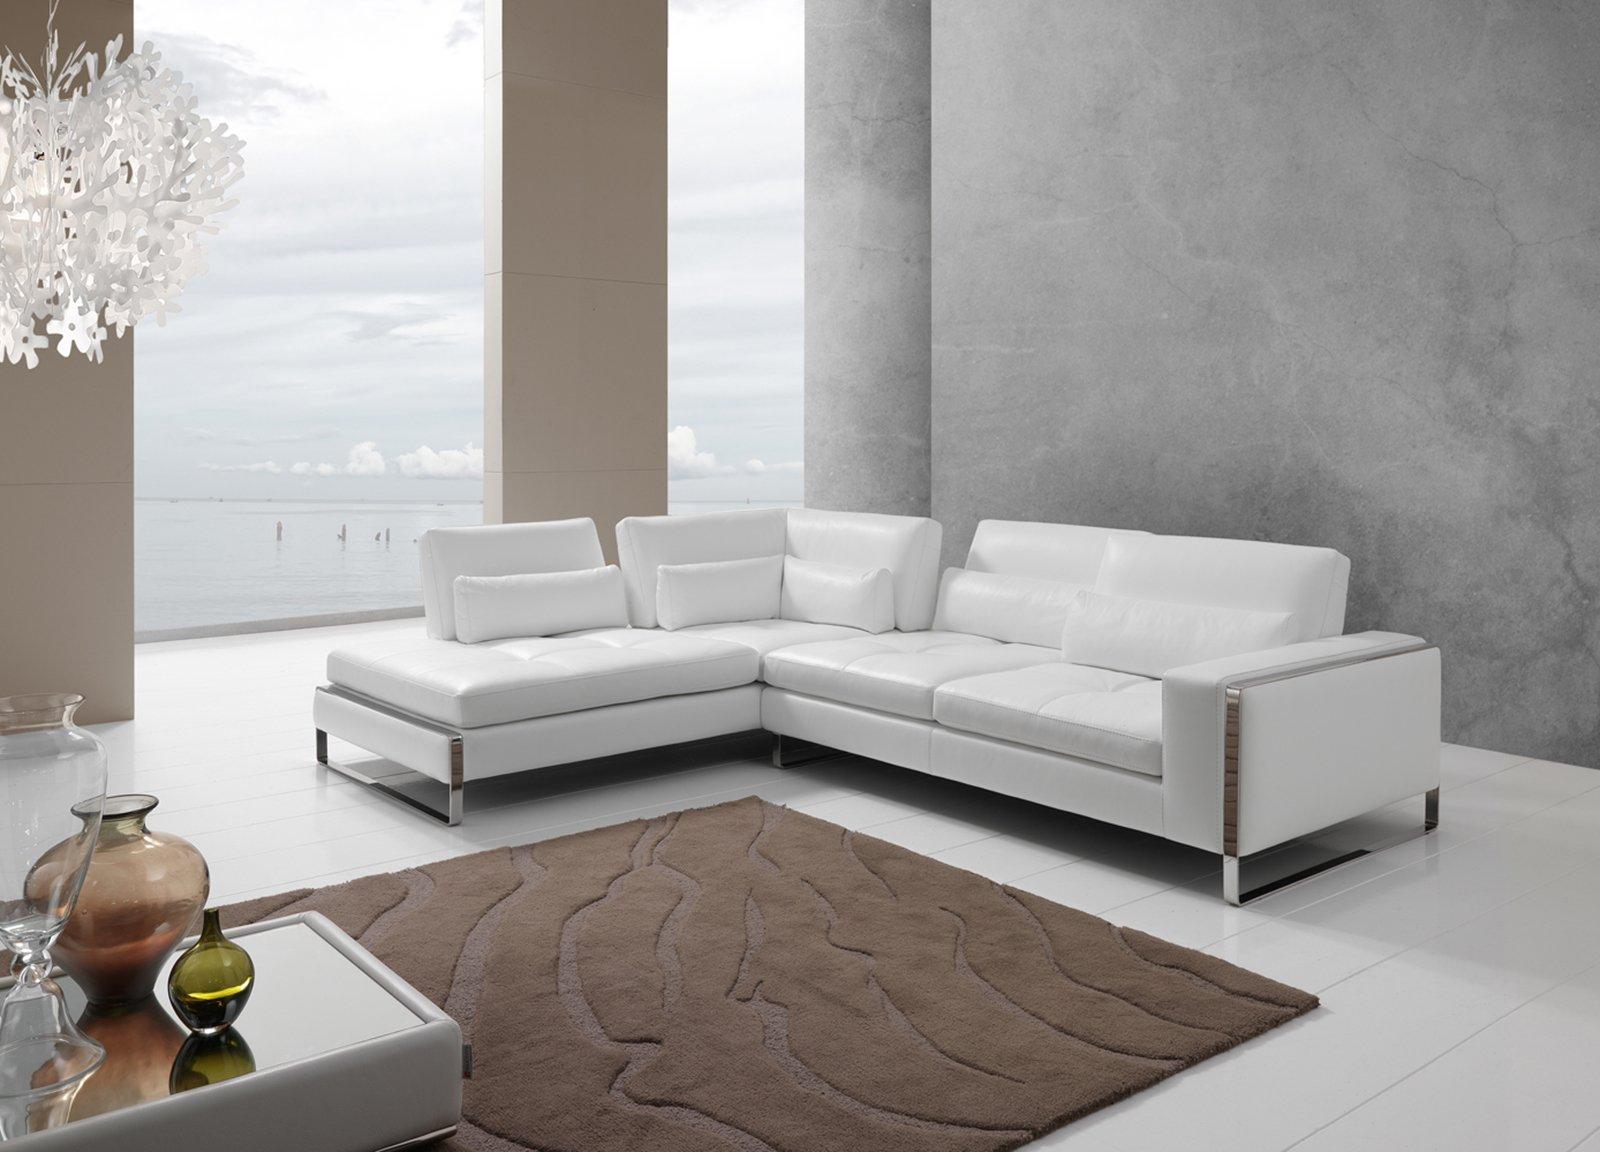 Divani con meccanismi per ogni tipo di relax cose di casa - Divano con seduta allungabile ...